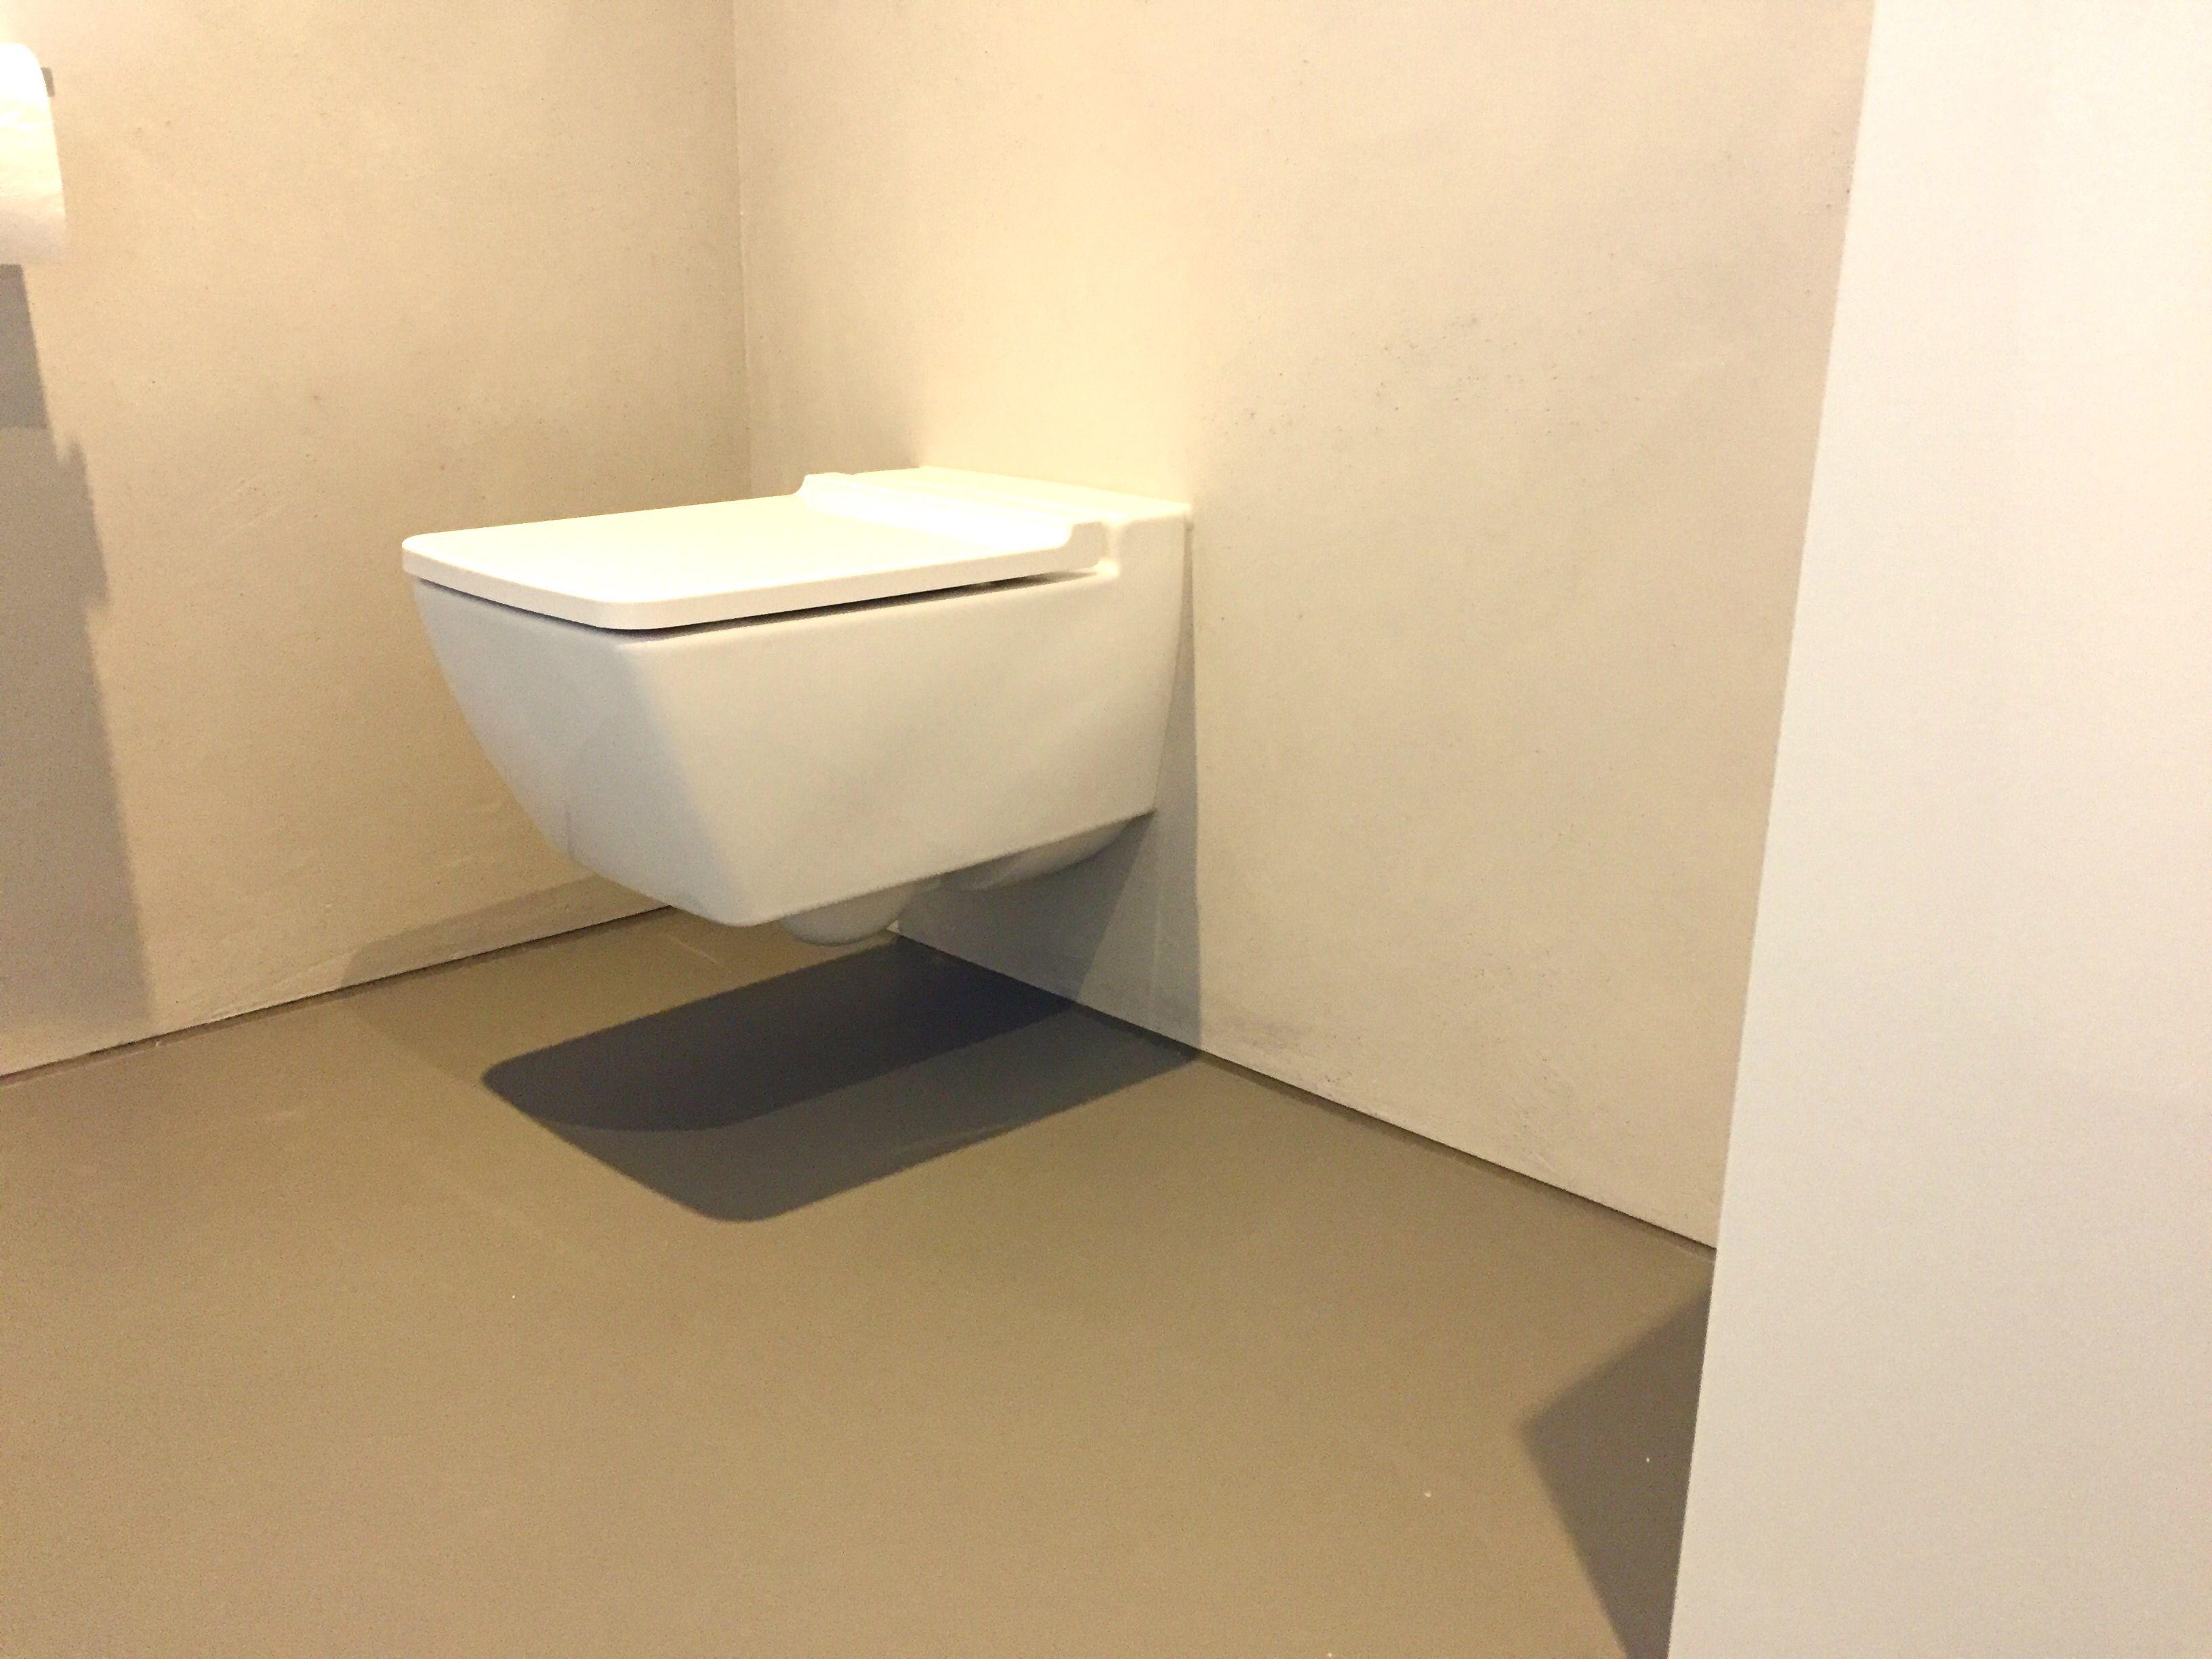 Beste Küche Badgestaltung Glasgow Ideen - Küchenschrank Ideen ...